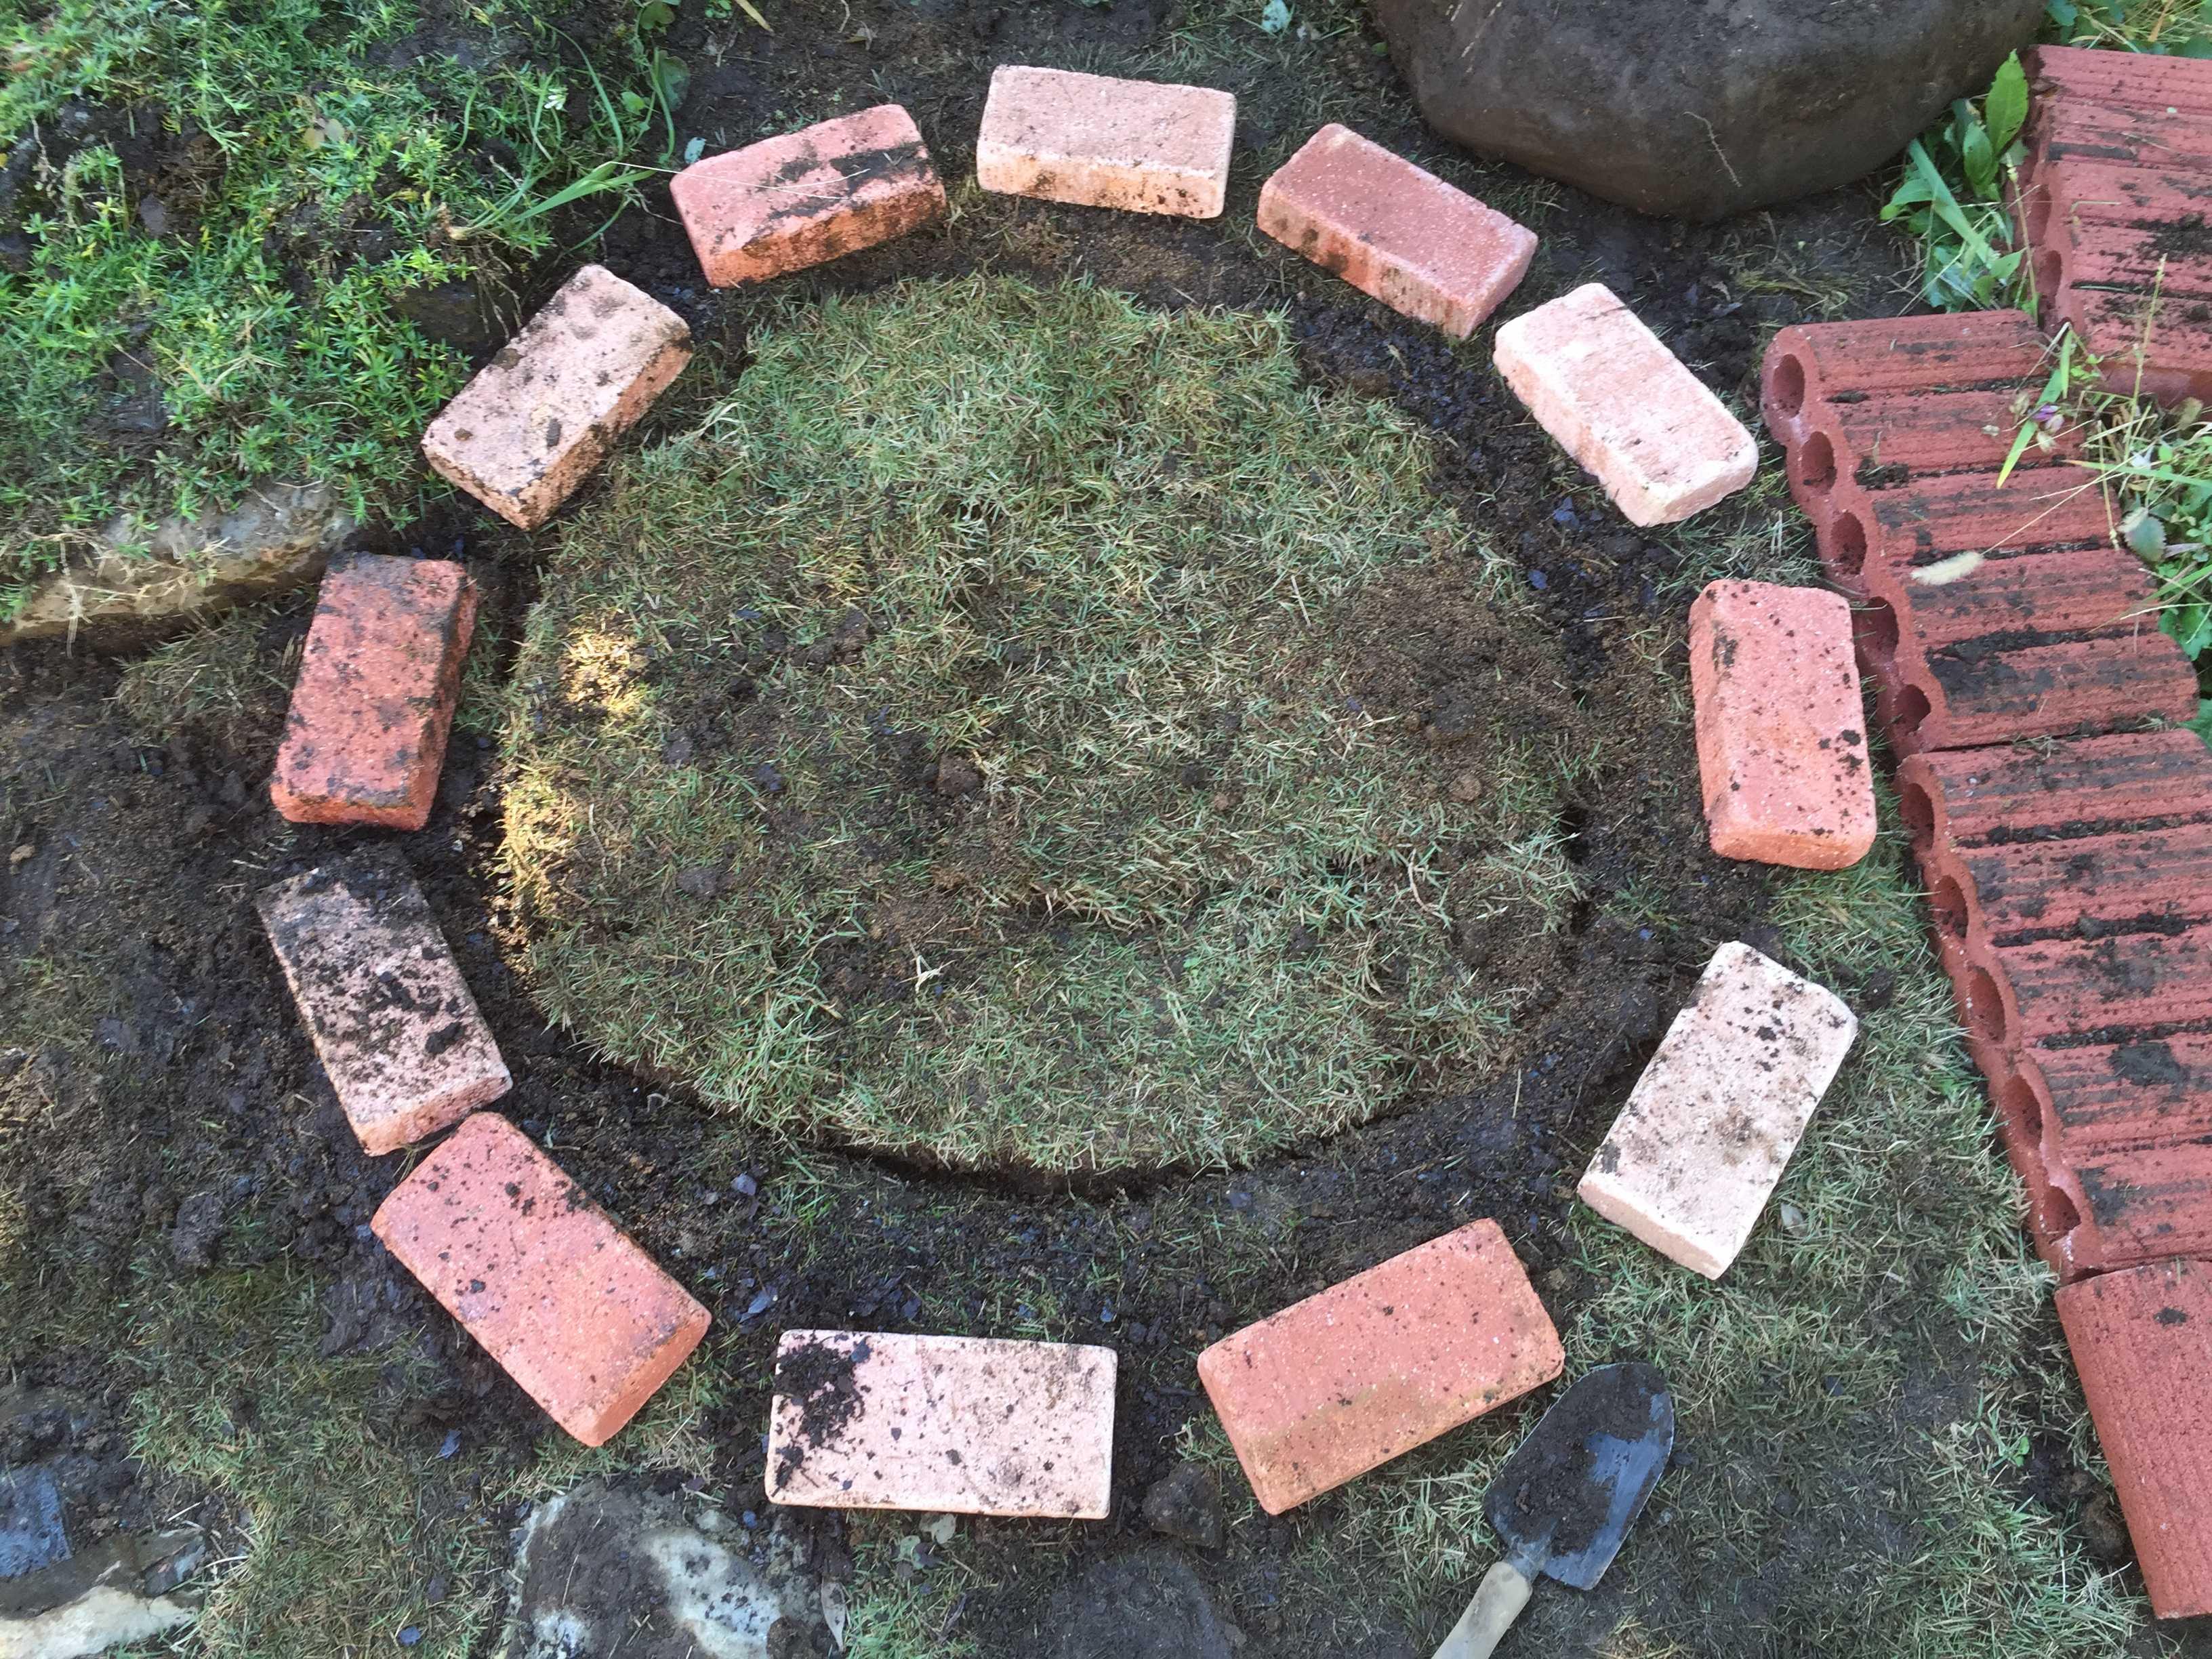 水仙の球根の植え方(芝生を剥がし、水仙を庭に植え付け/地植え)